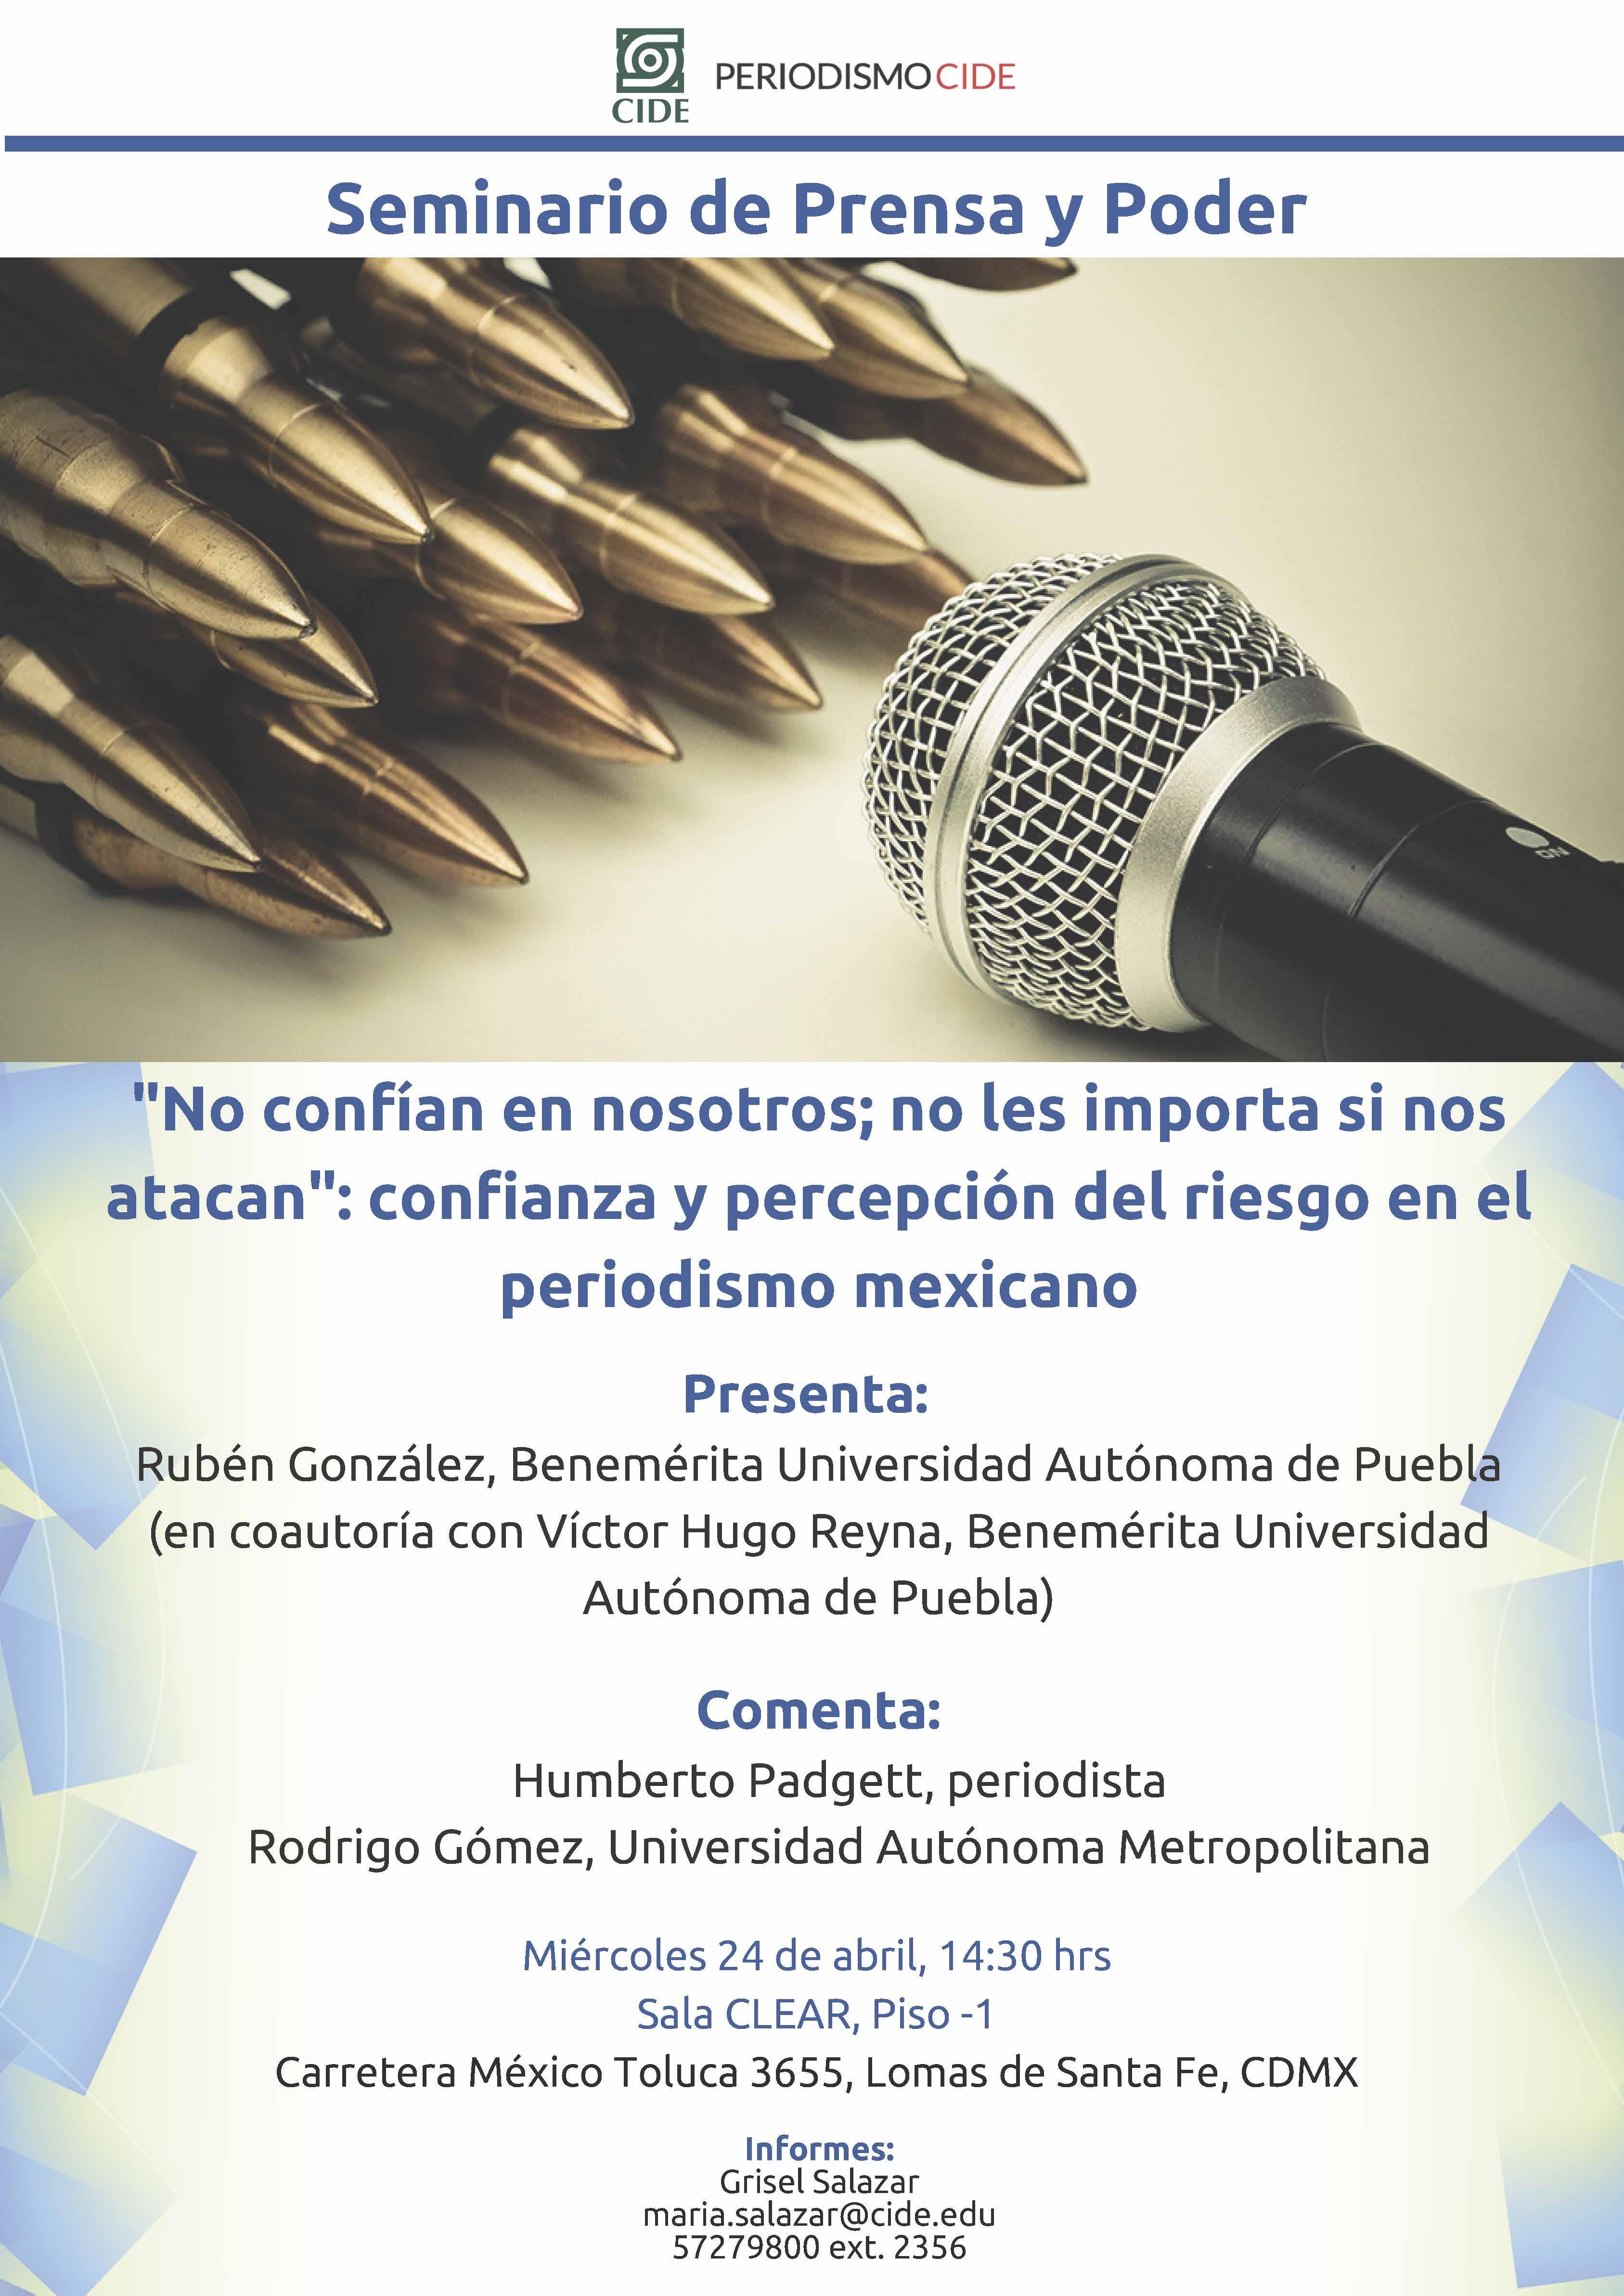 Seminario de Prensa y Poder «No confían en nosotros; no les importa si nos atacan»: confianza y percepción del riesgo en el periodismo mexicano